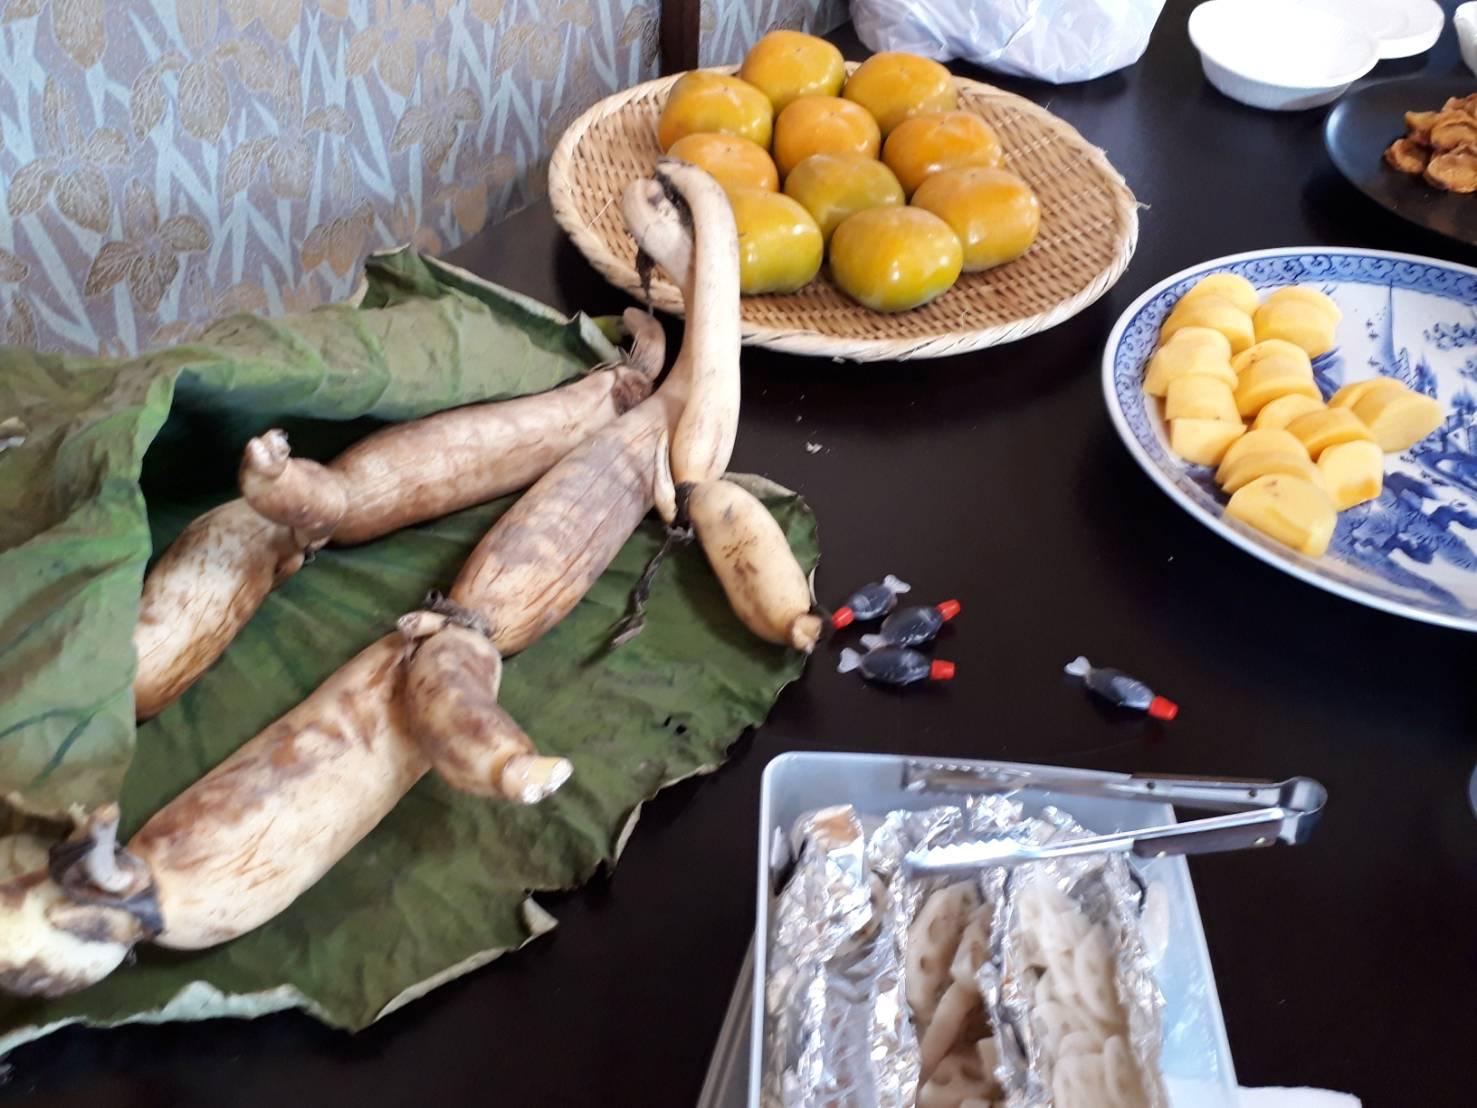 大和情熱野菜・品評会@奈良のうまいもの会